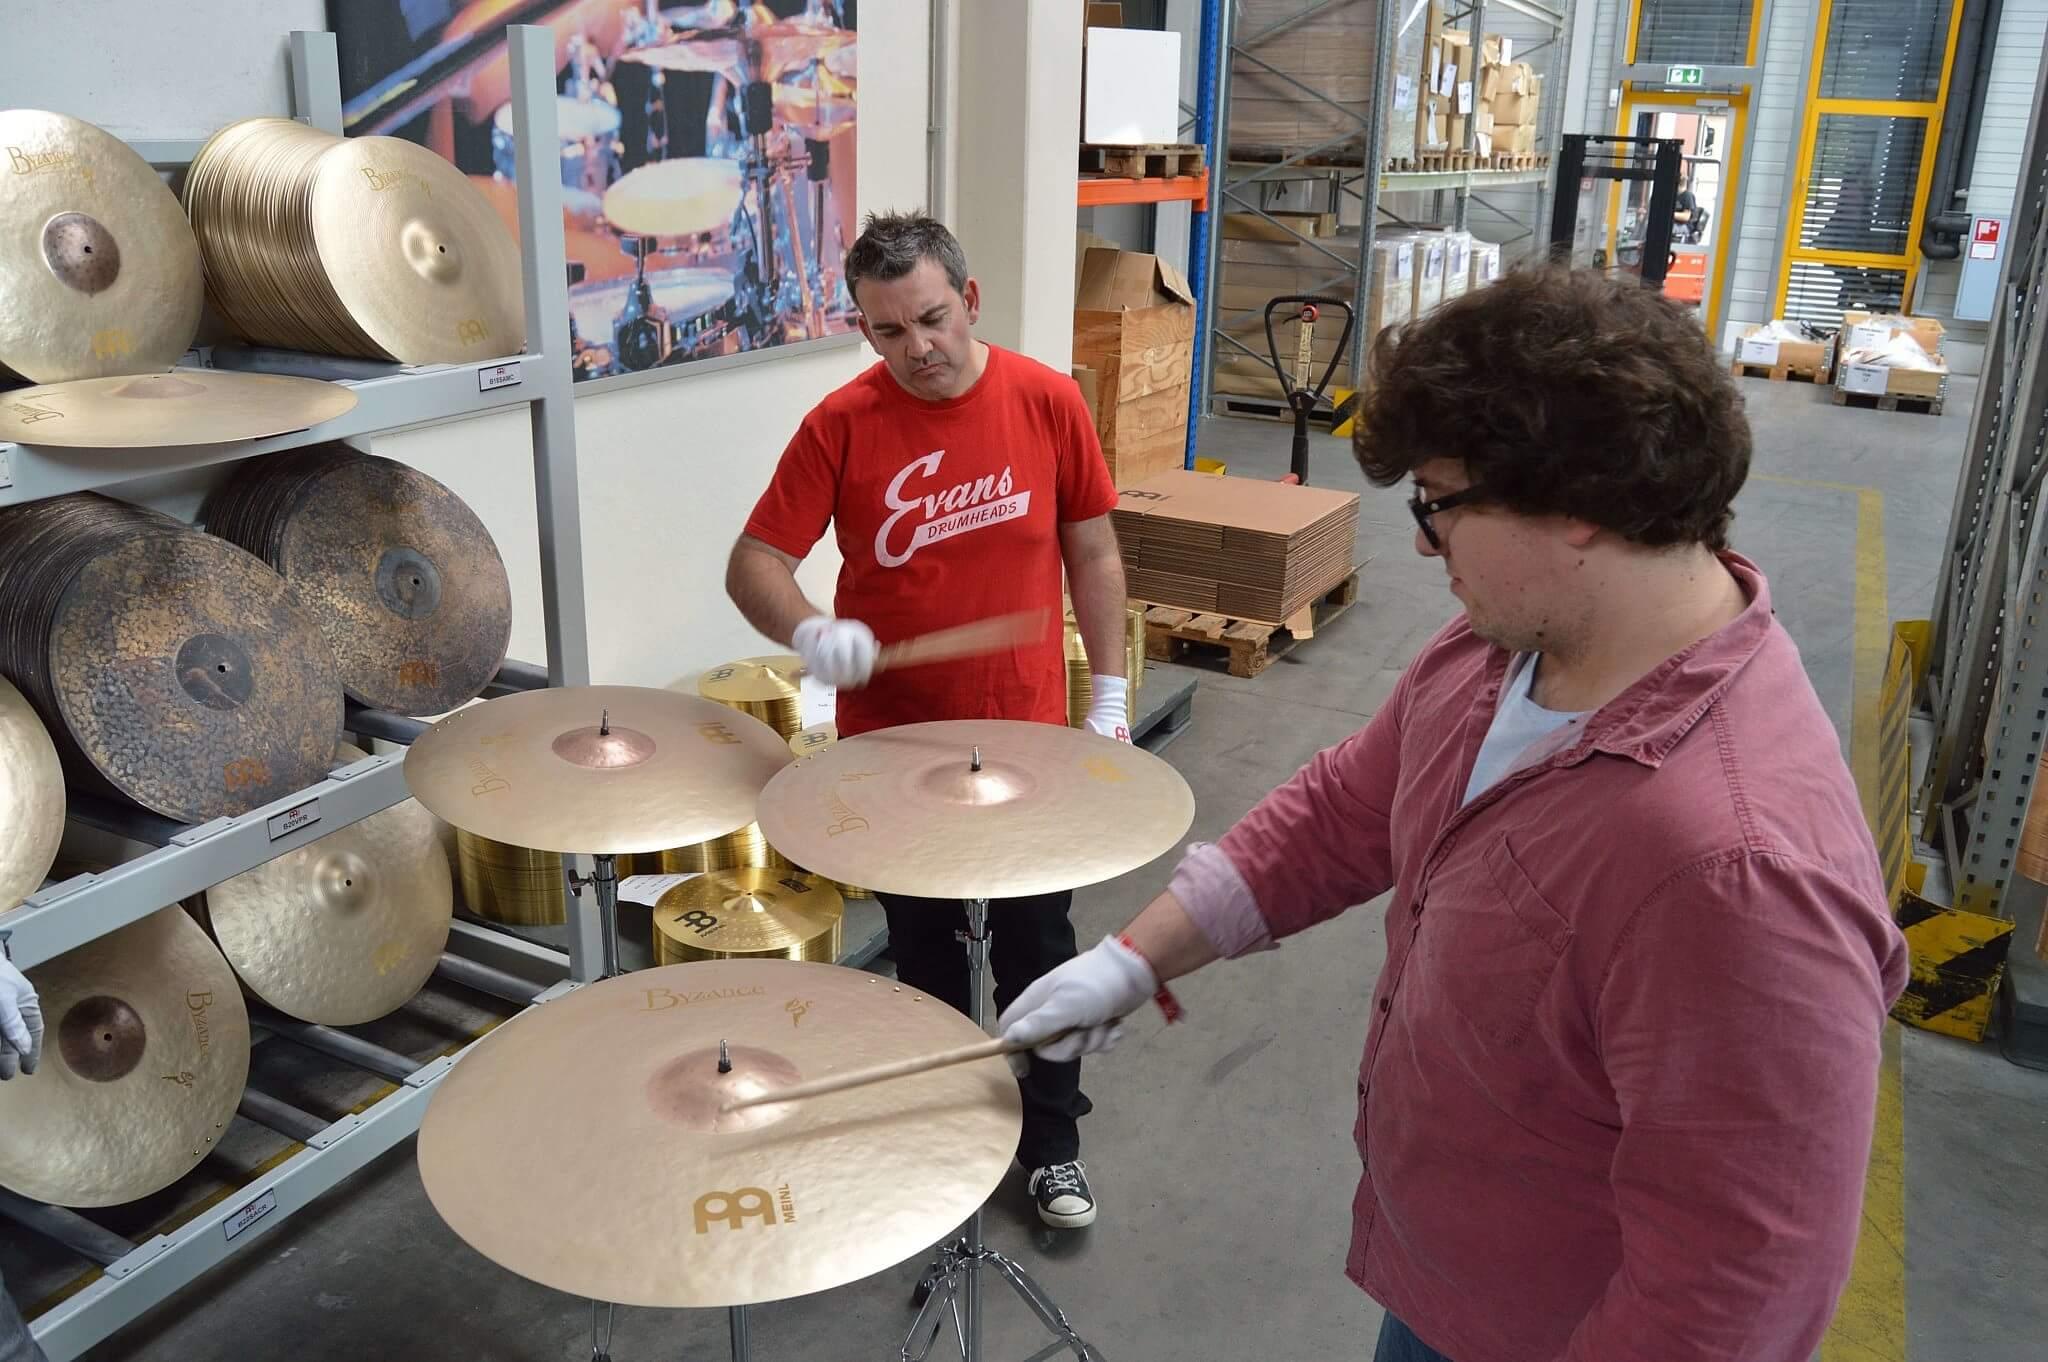 Meinl Byzance dD Drums